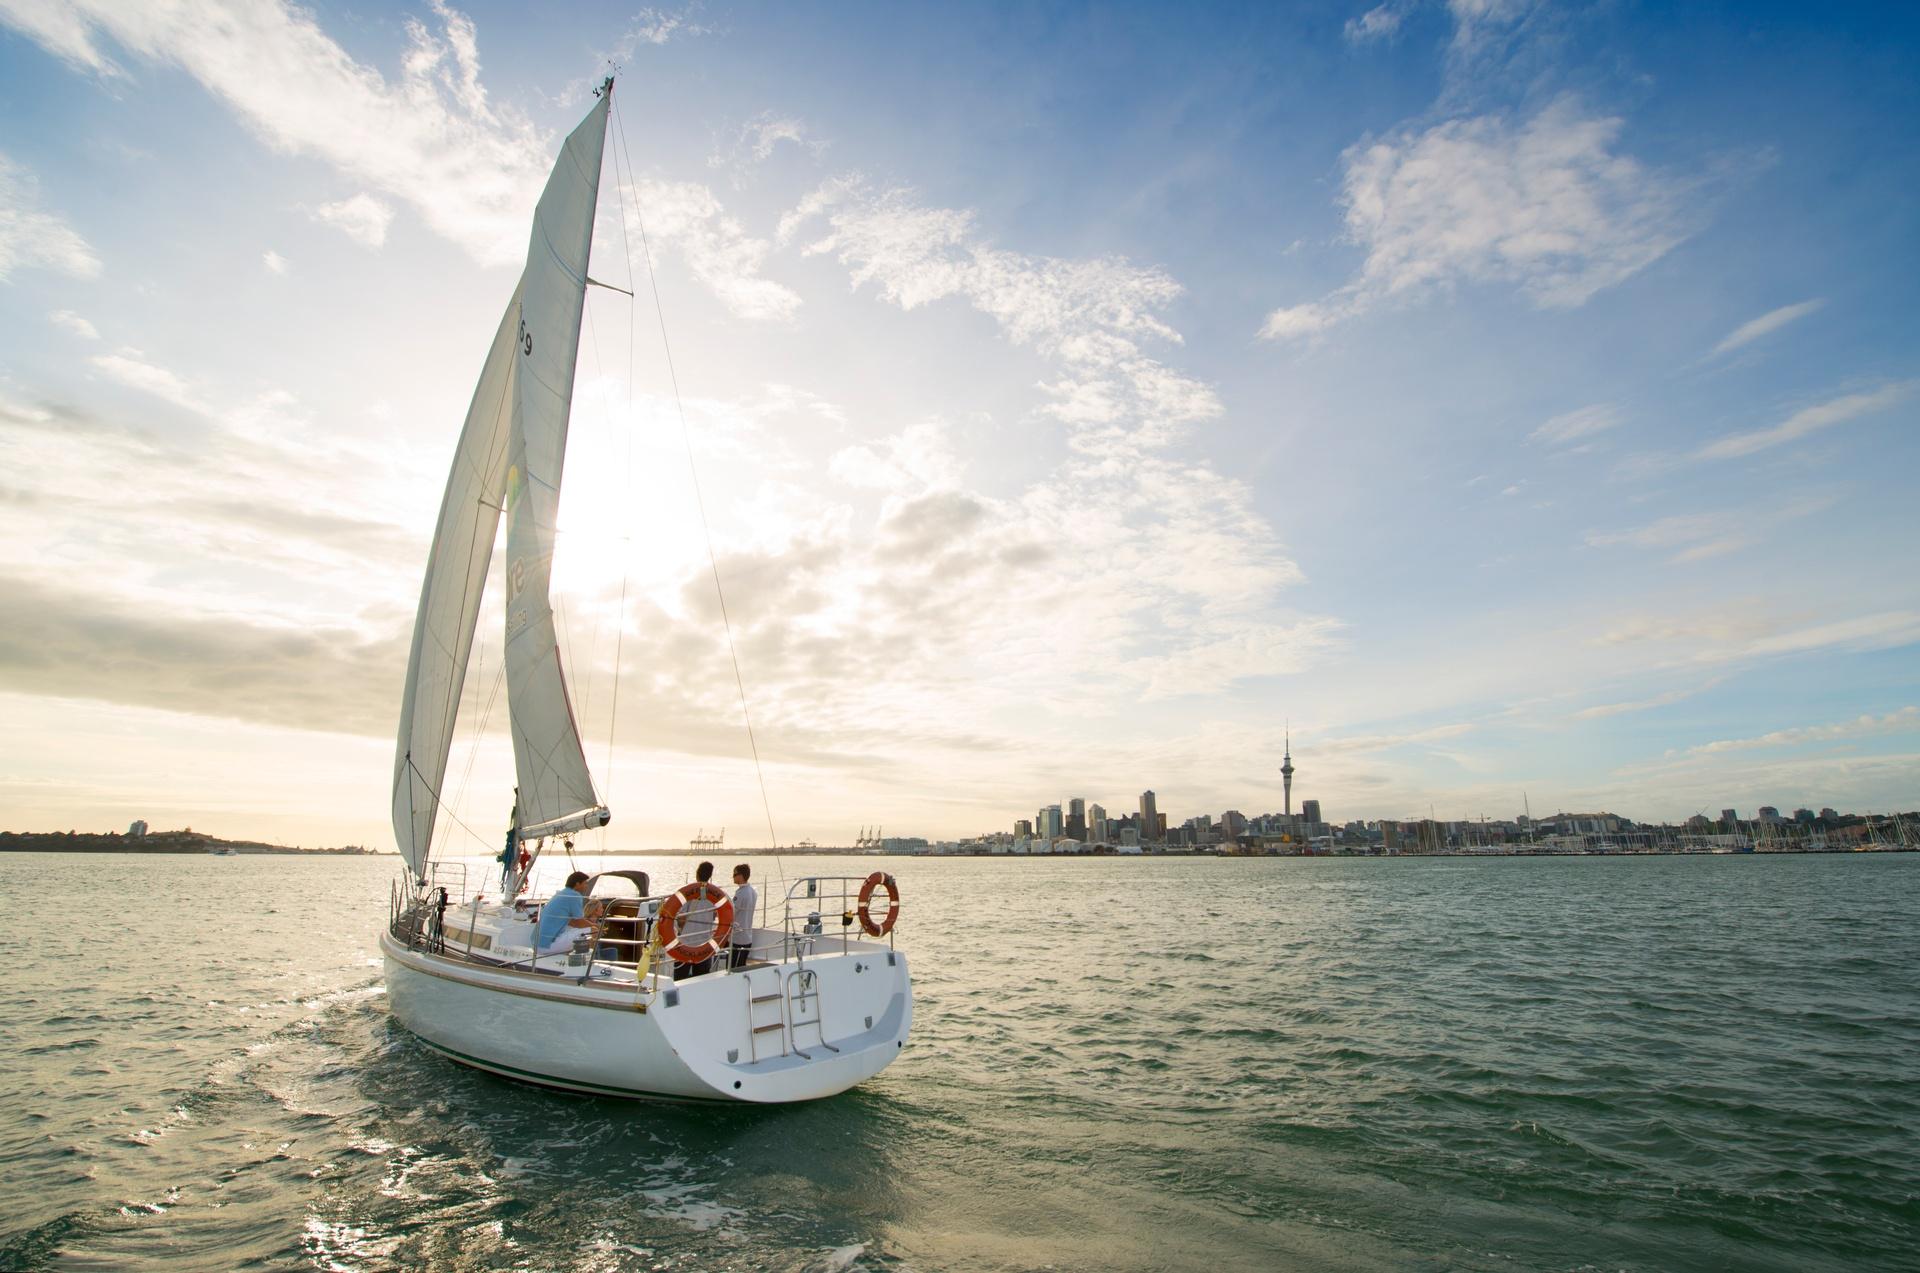 APS1540-Auckland-Harbour-Auckland-Julian-Apse_WEB.jpg